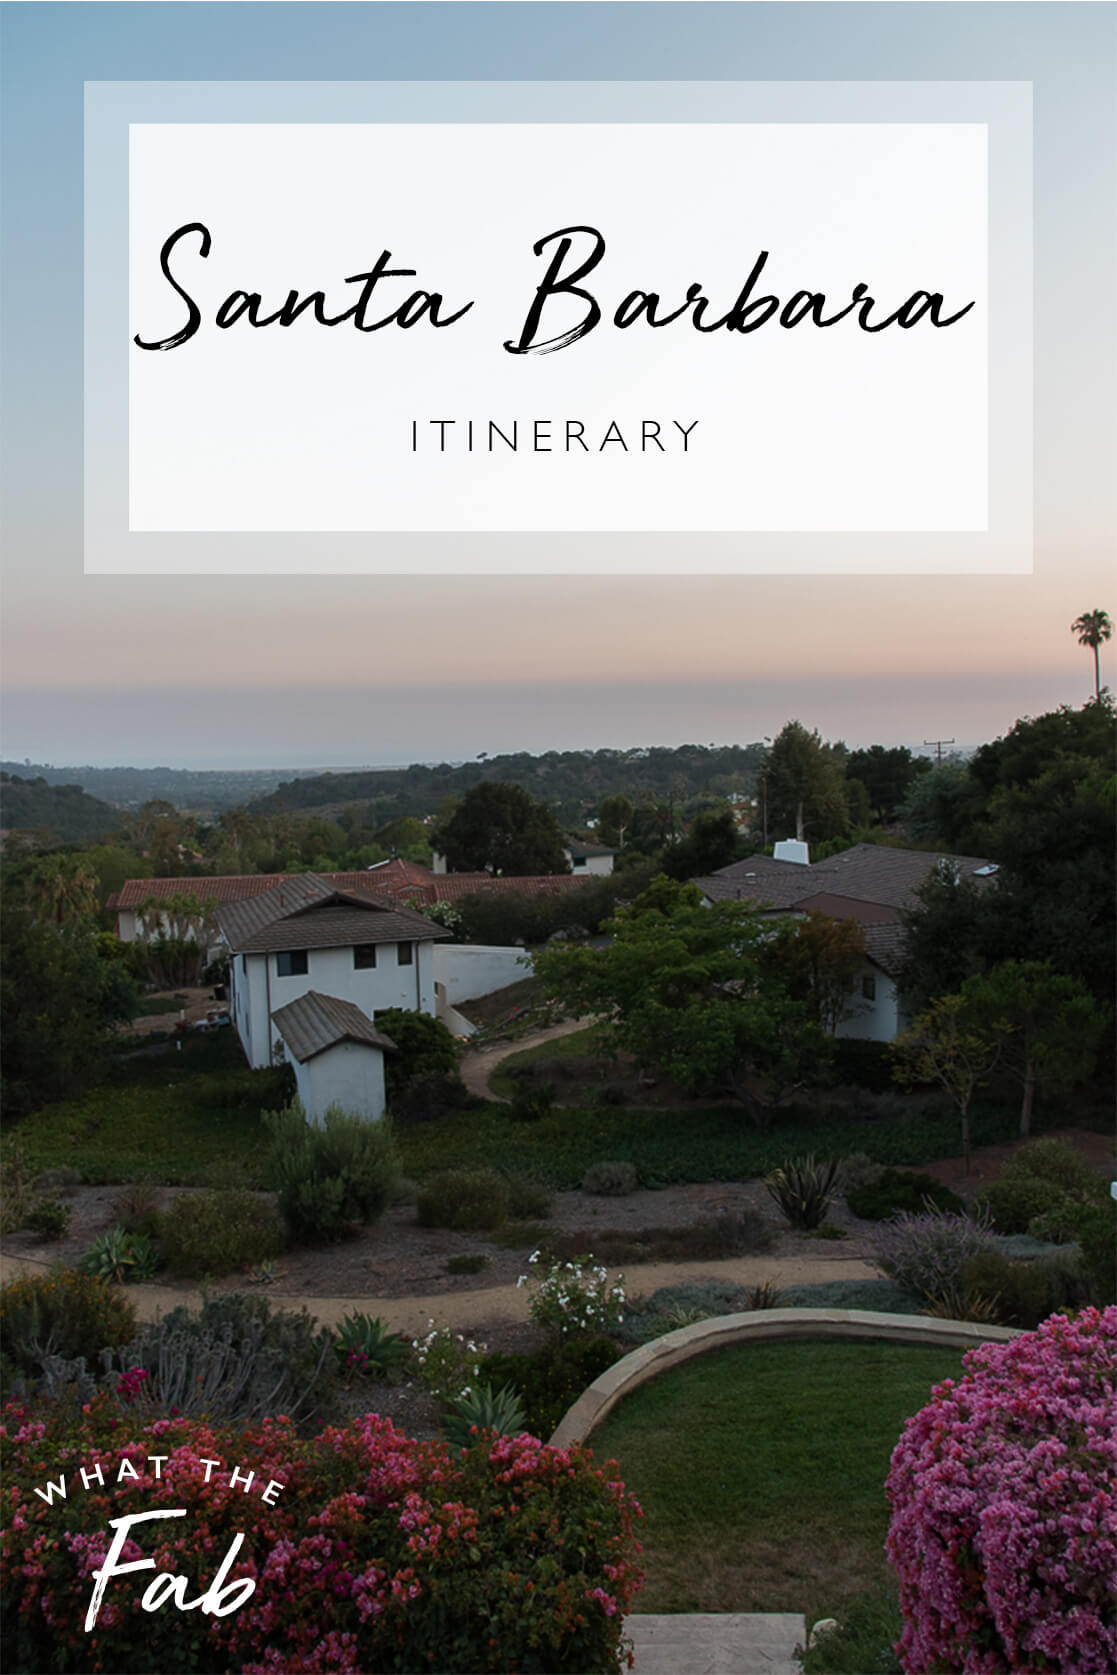 Santa Barbara Itinerary